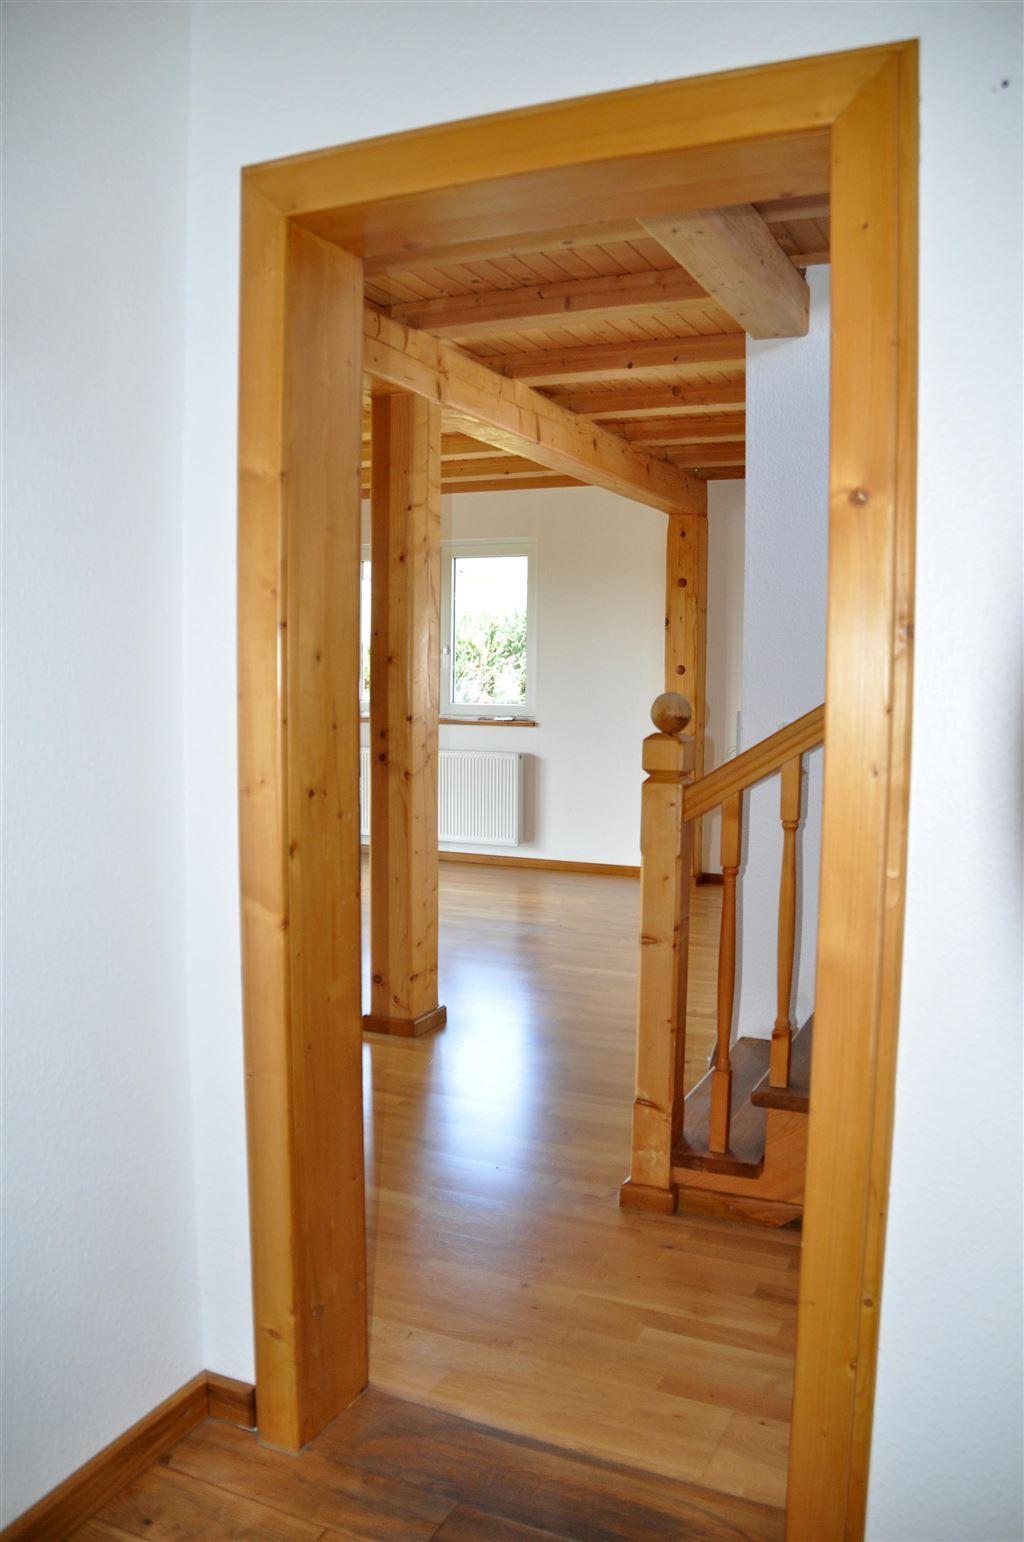 Diele/Treppenaufgang